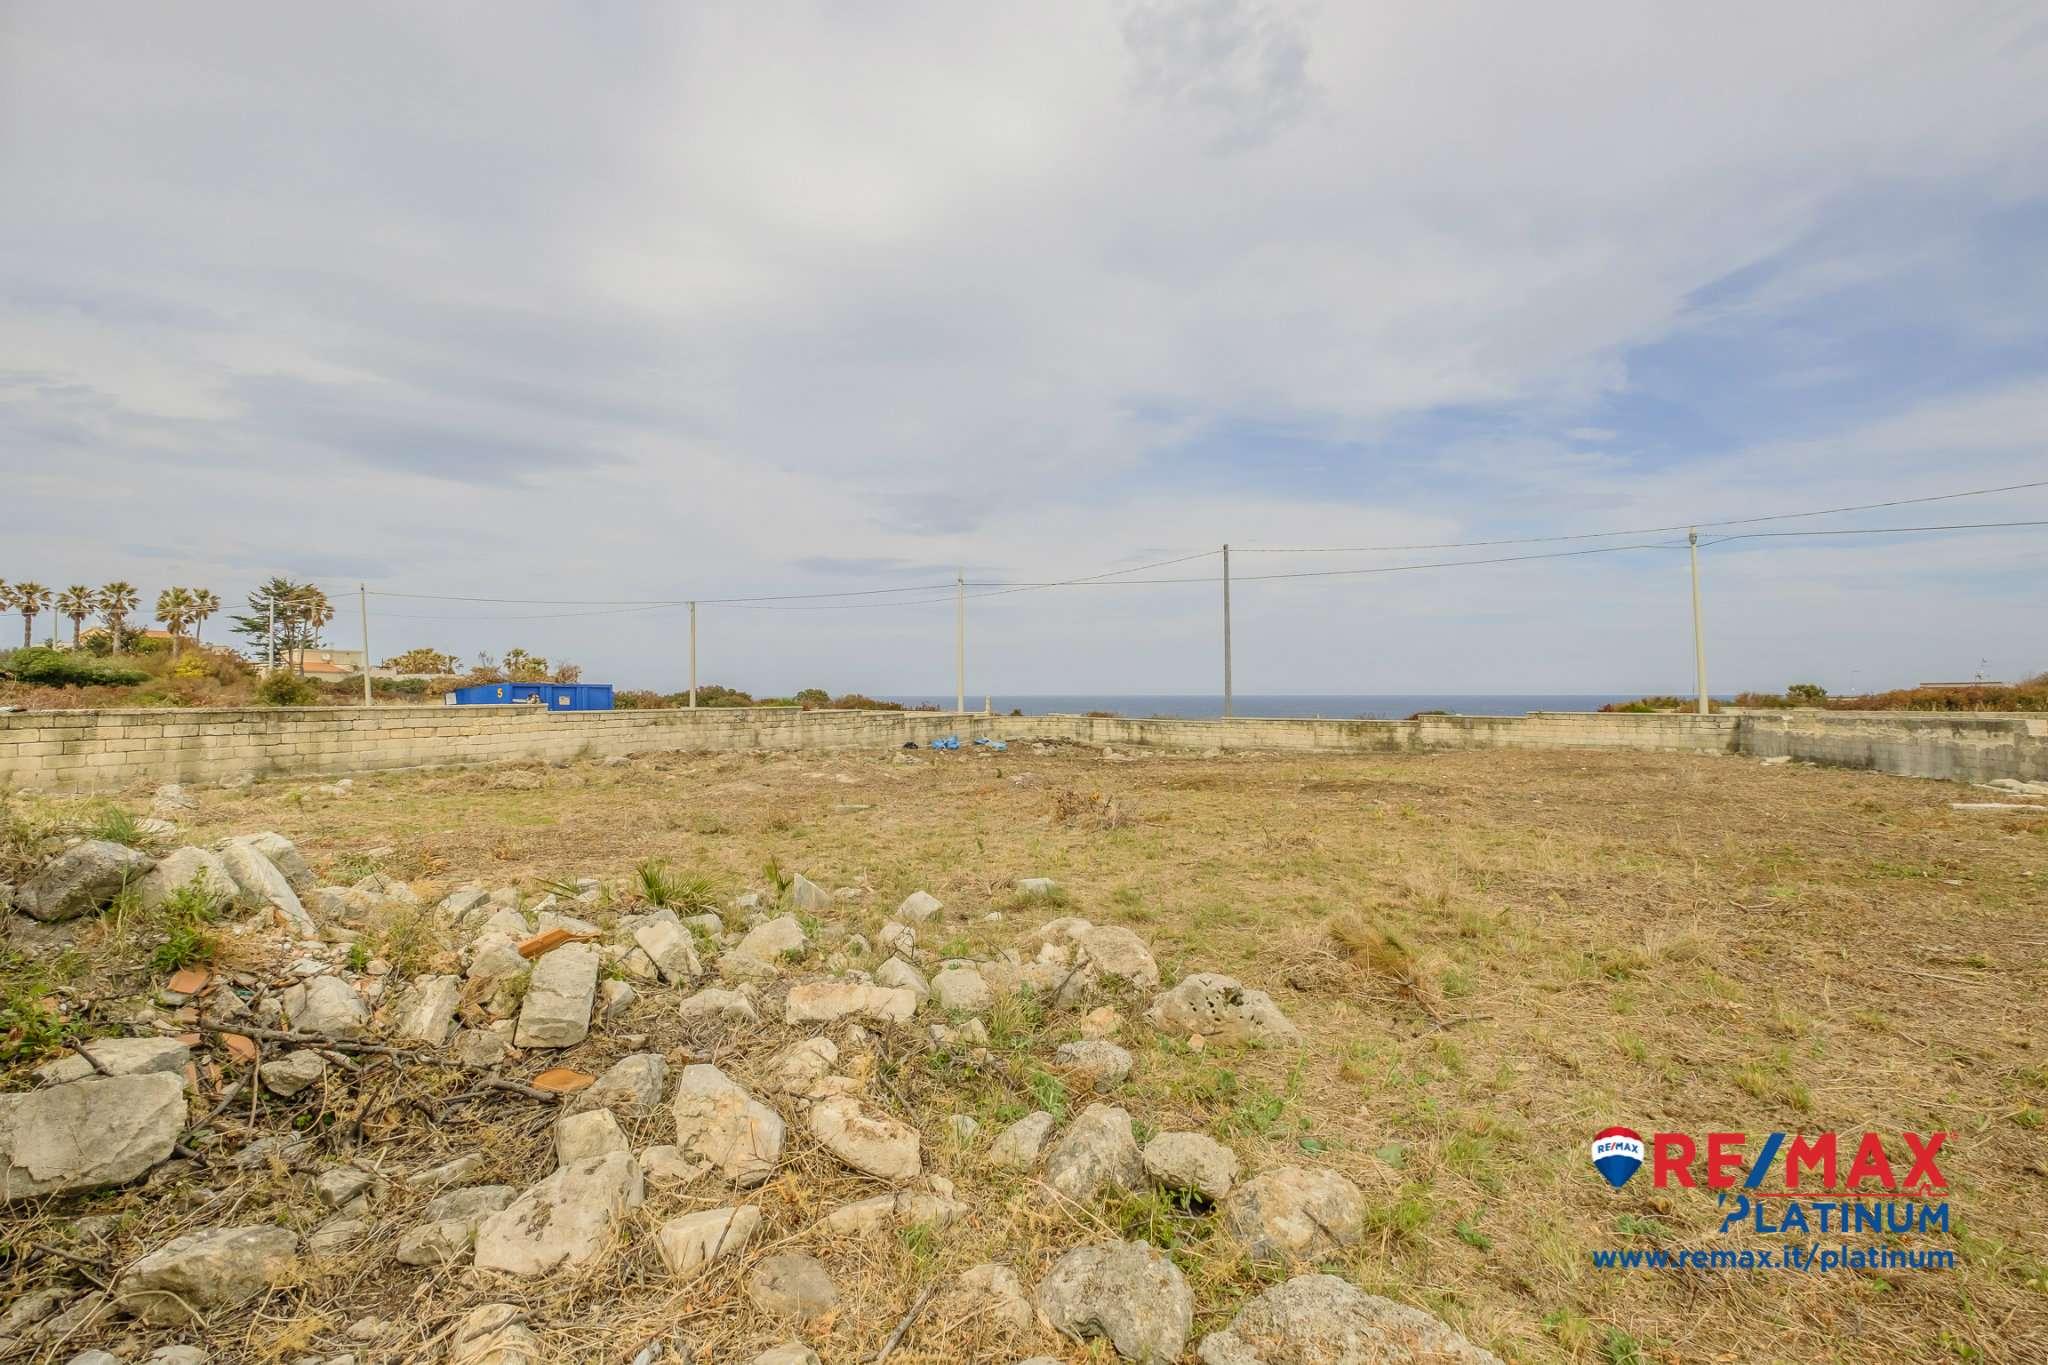 Terreno Agricolo in vendita a Siracusa, 9999 locali, prezzo € 42.000 | PortaleAgenzieImmobiliari.it